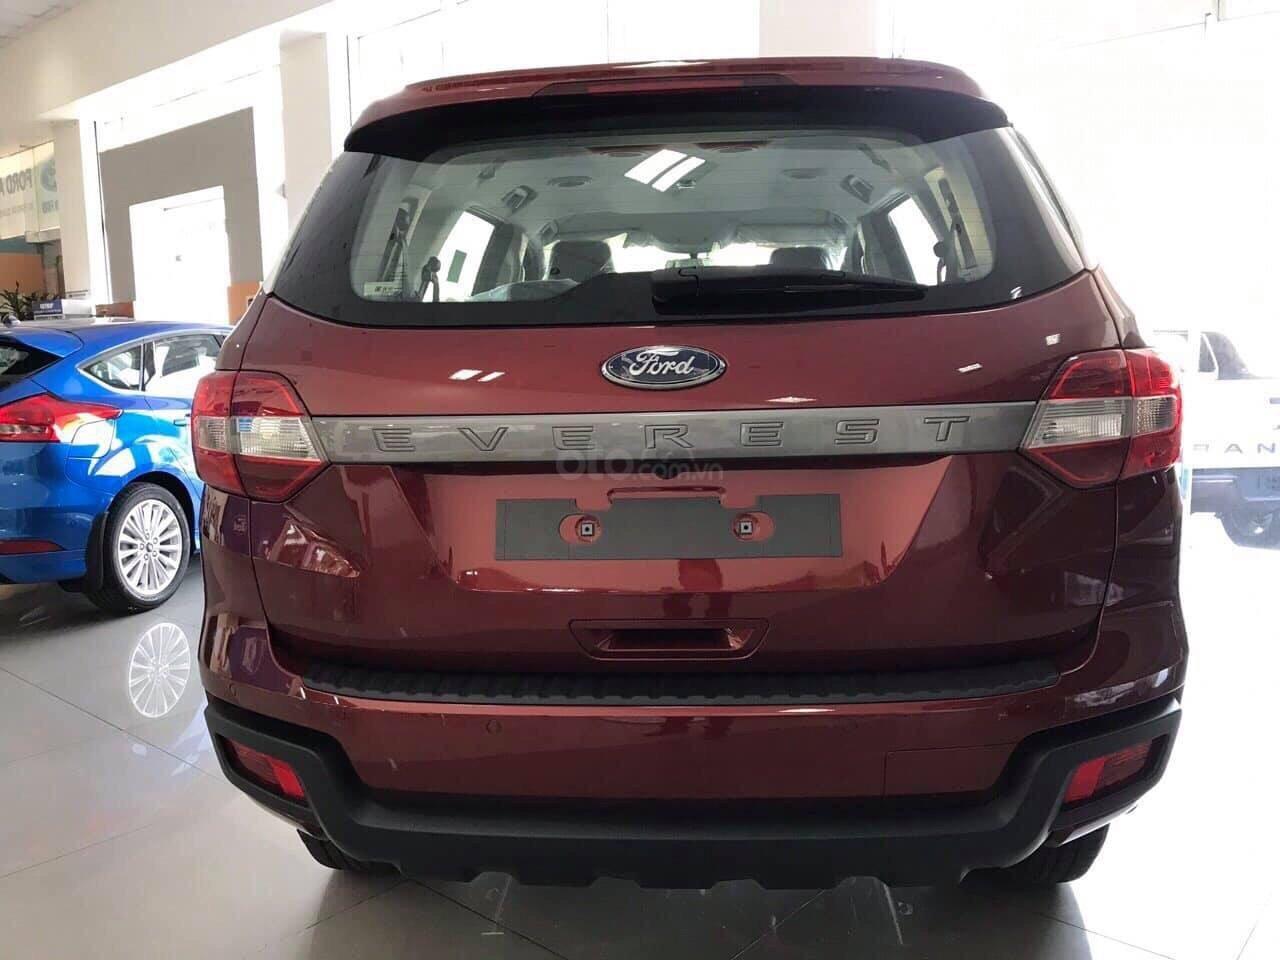 Bán ô tô Ford Everest năm sản xuất 2019, màu đỏ, nhập khẩu nguyên chiếc, giá siêu cạnh tranh (5)